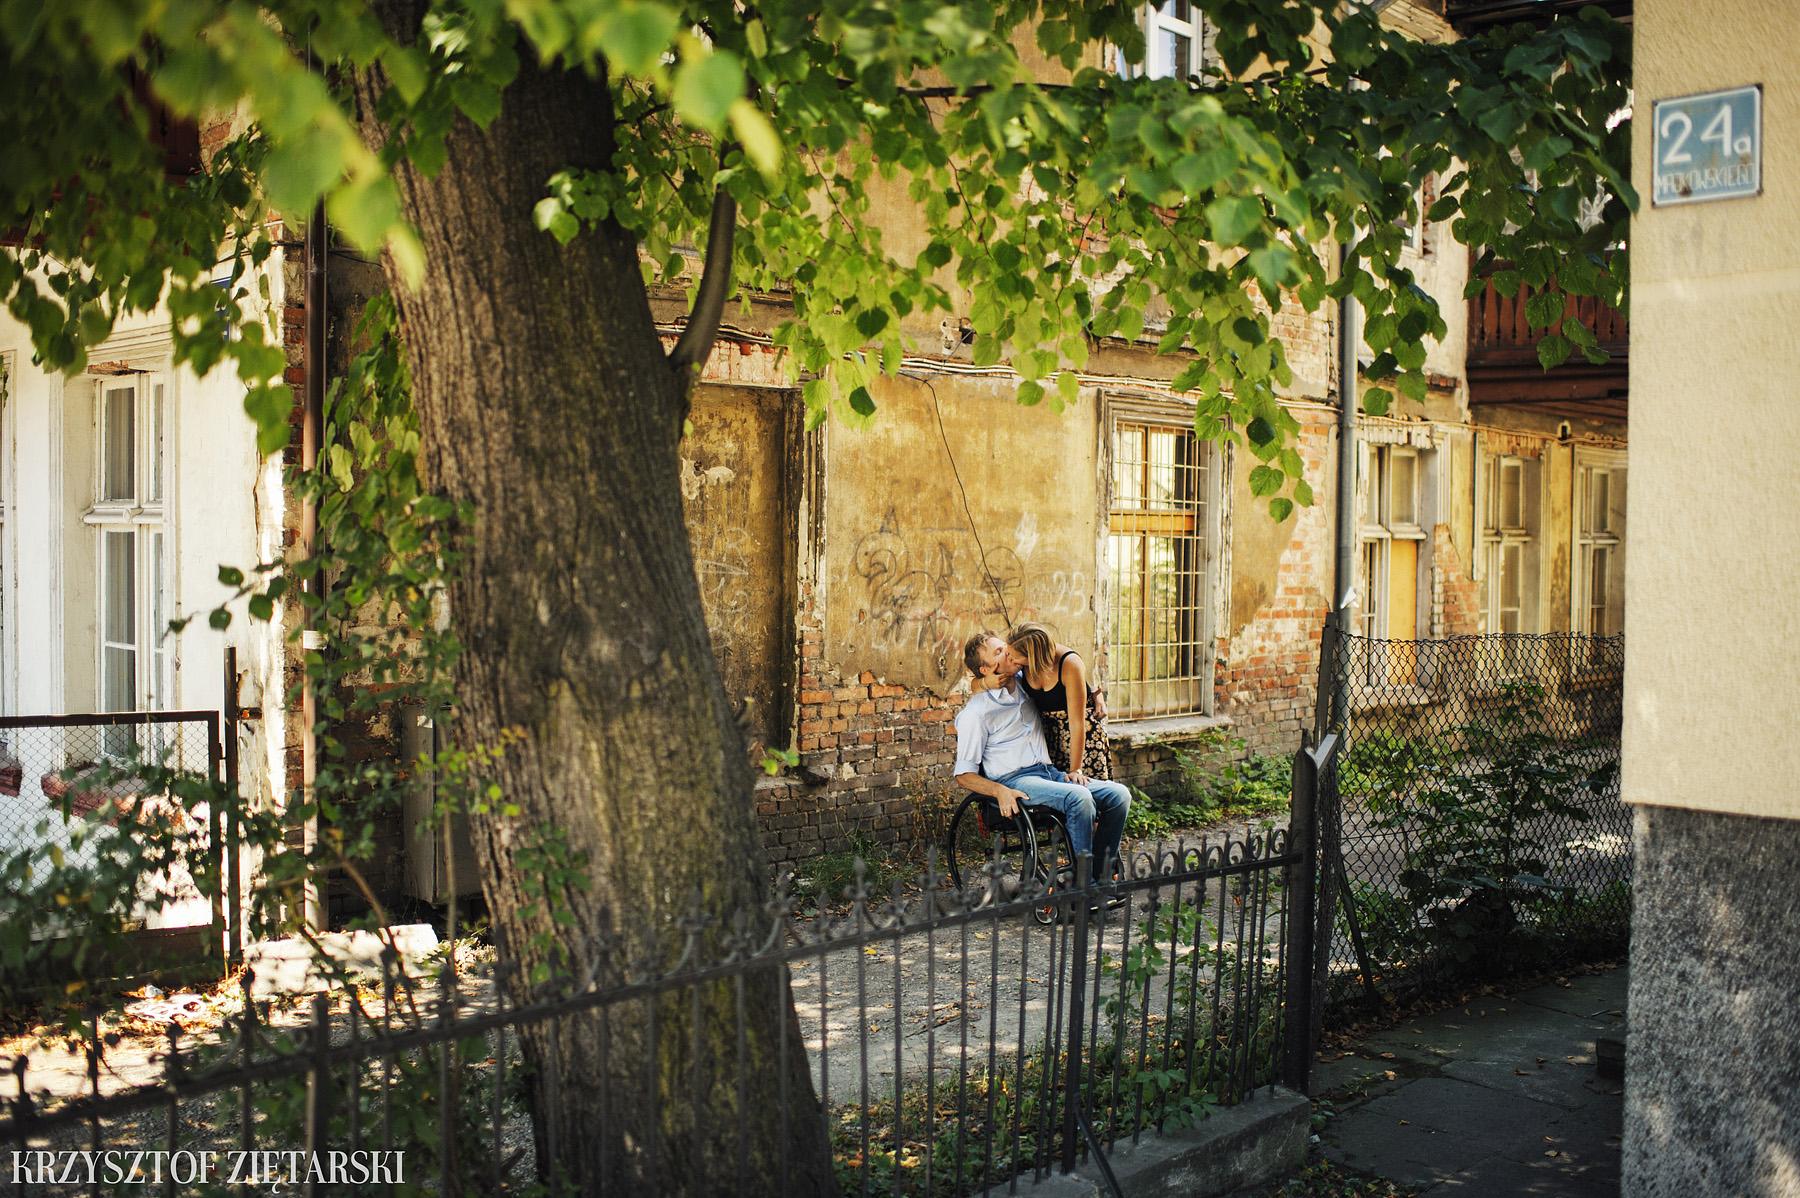 Ania i Mikkel - sesja fotograficzna na rocznicę ślubu w Sopocie, prezent na rocznicę ślubu - 18.